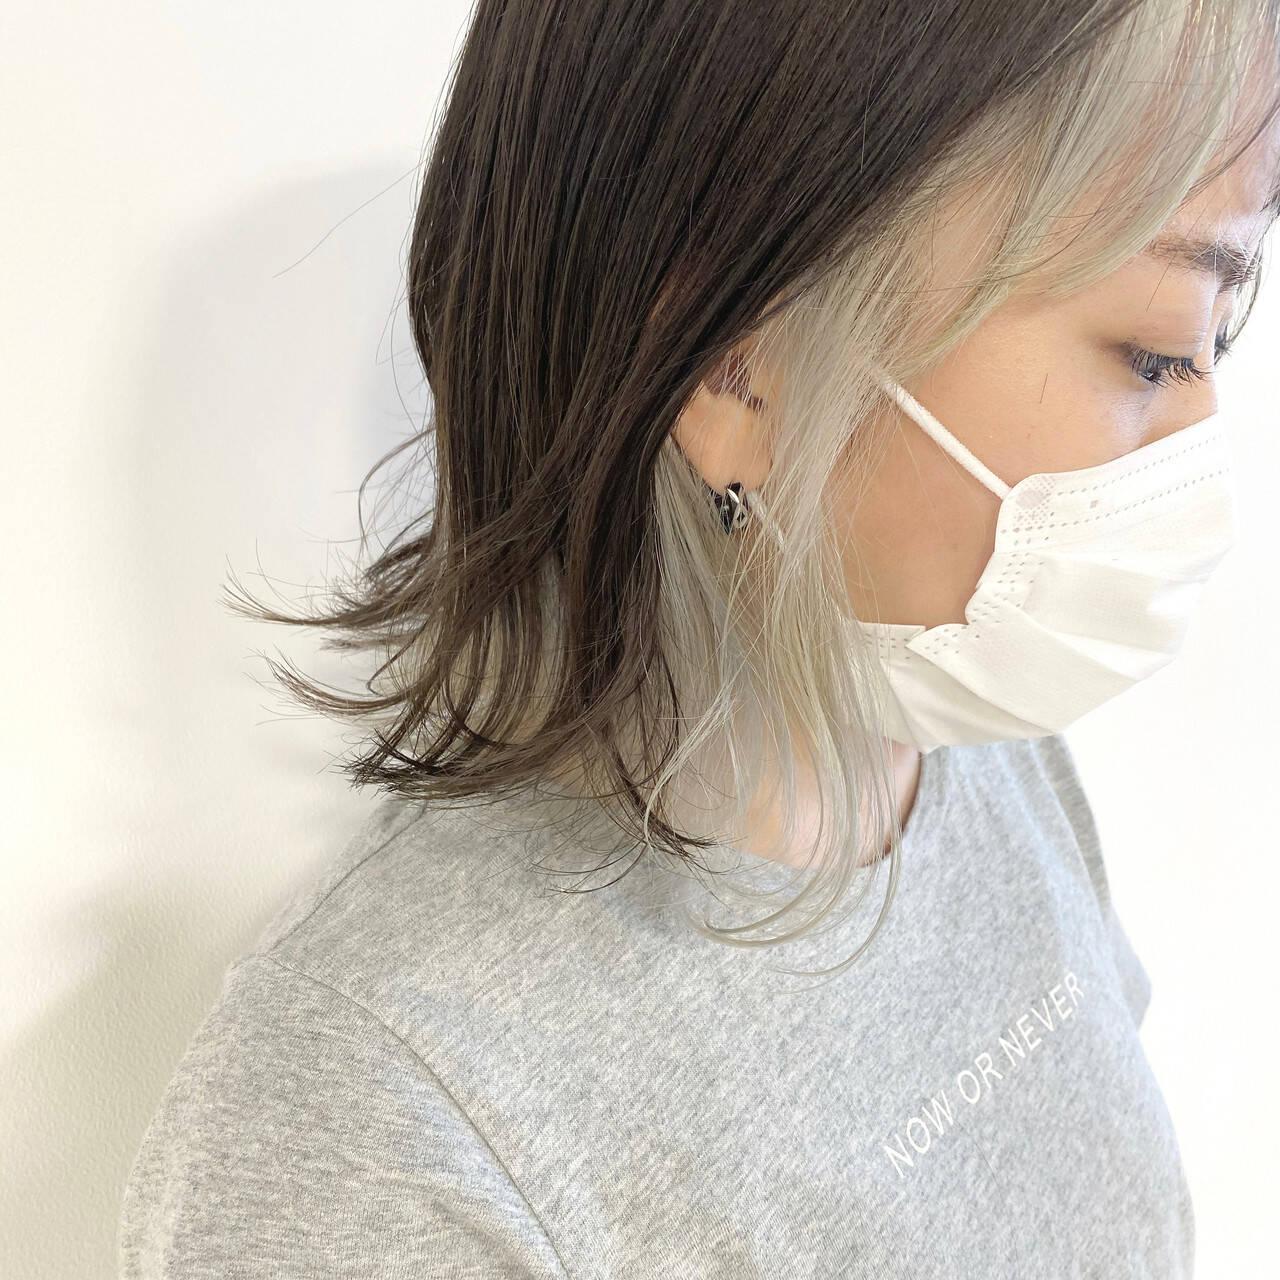 インナーカラー インナーカラーシルバー ナチュラル インナーカラーグレージュヘアスタイルや髪型の写真・画像